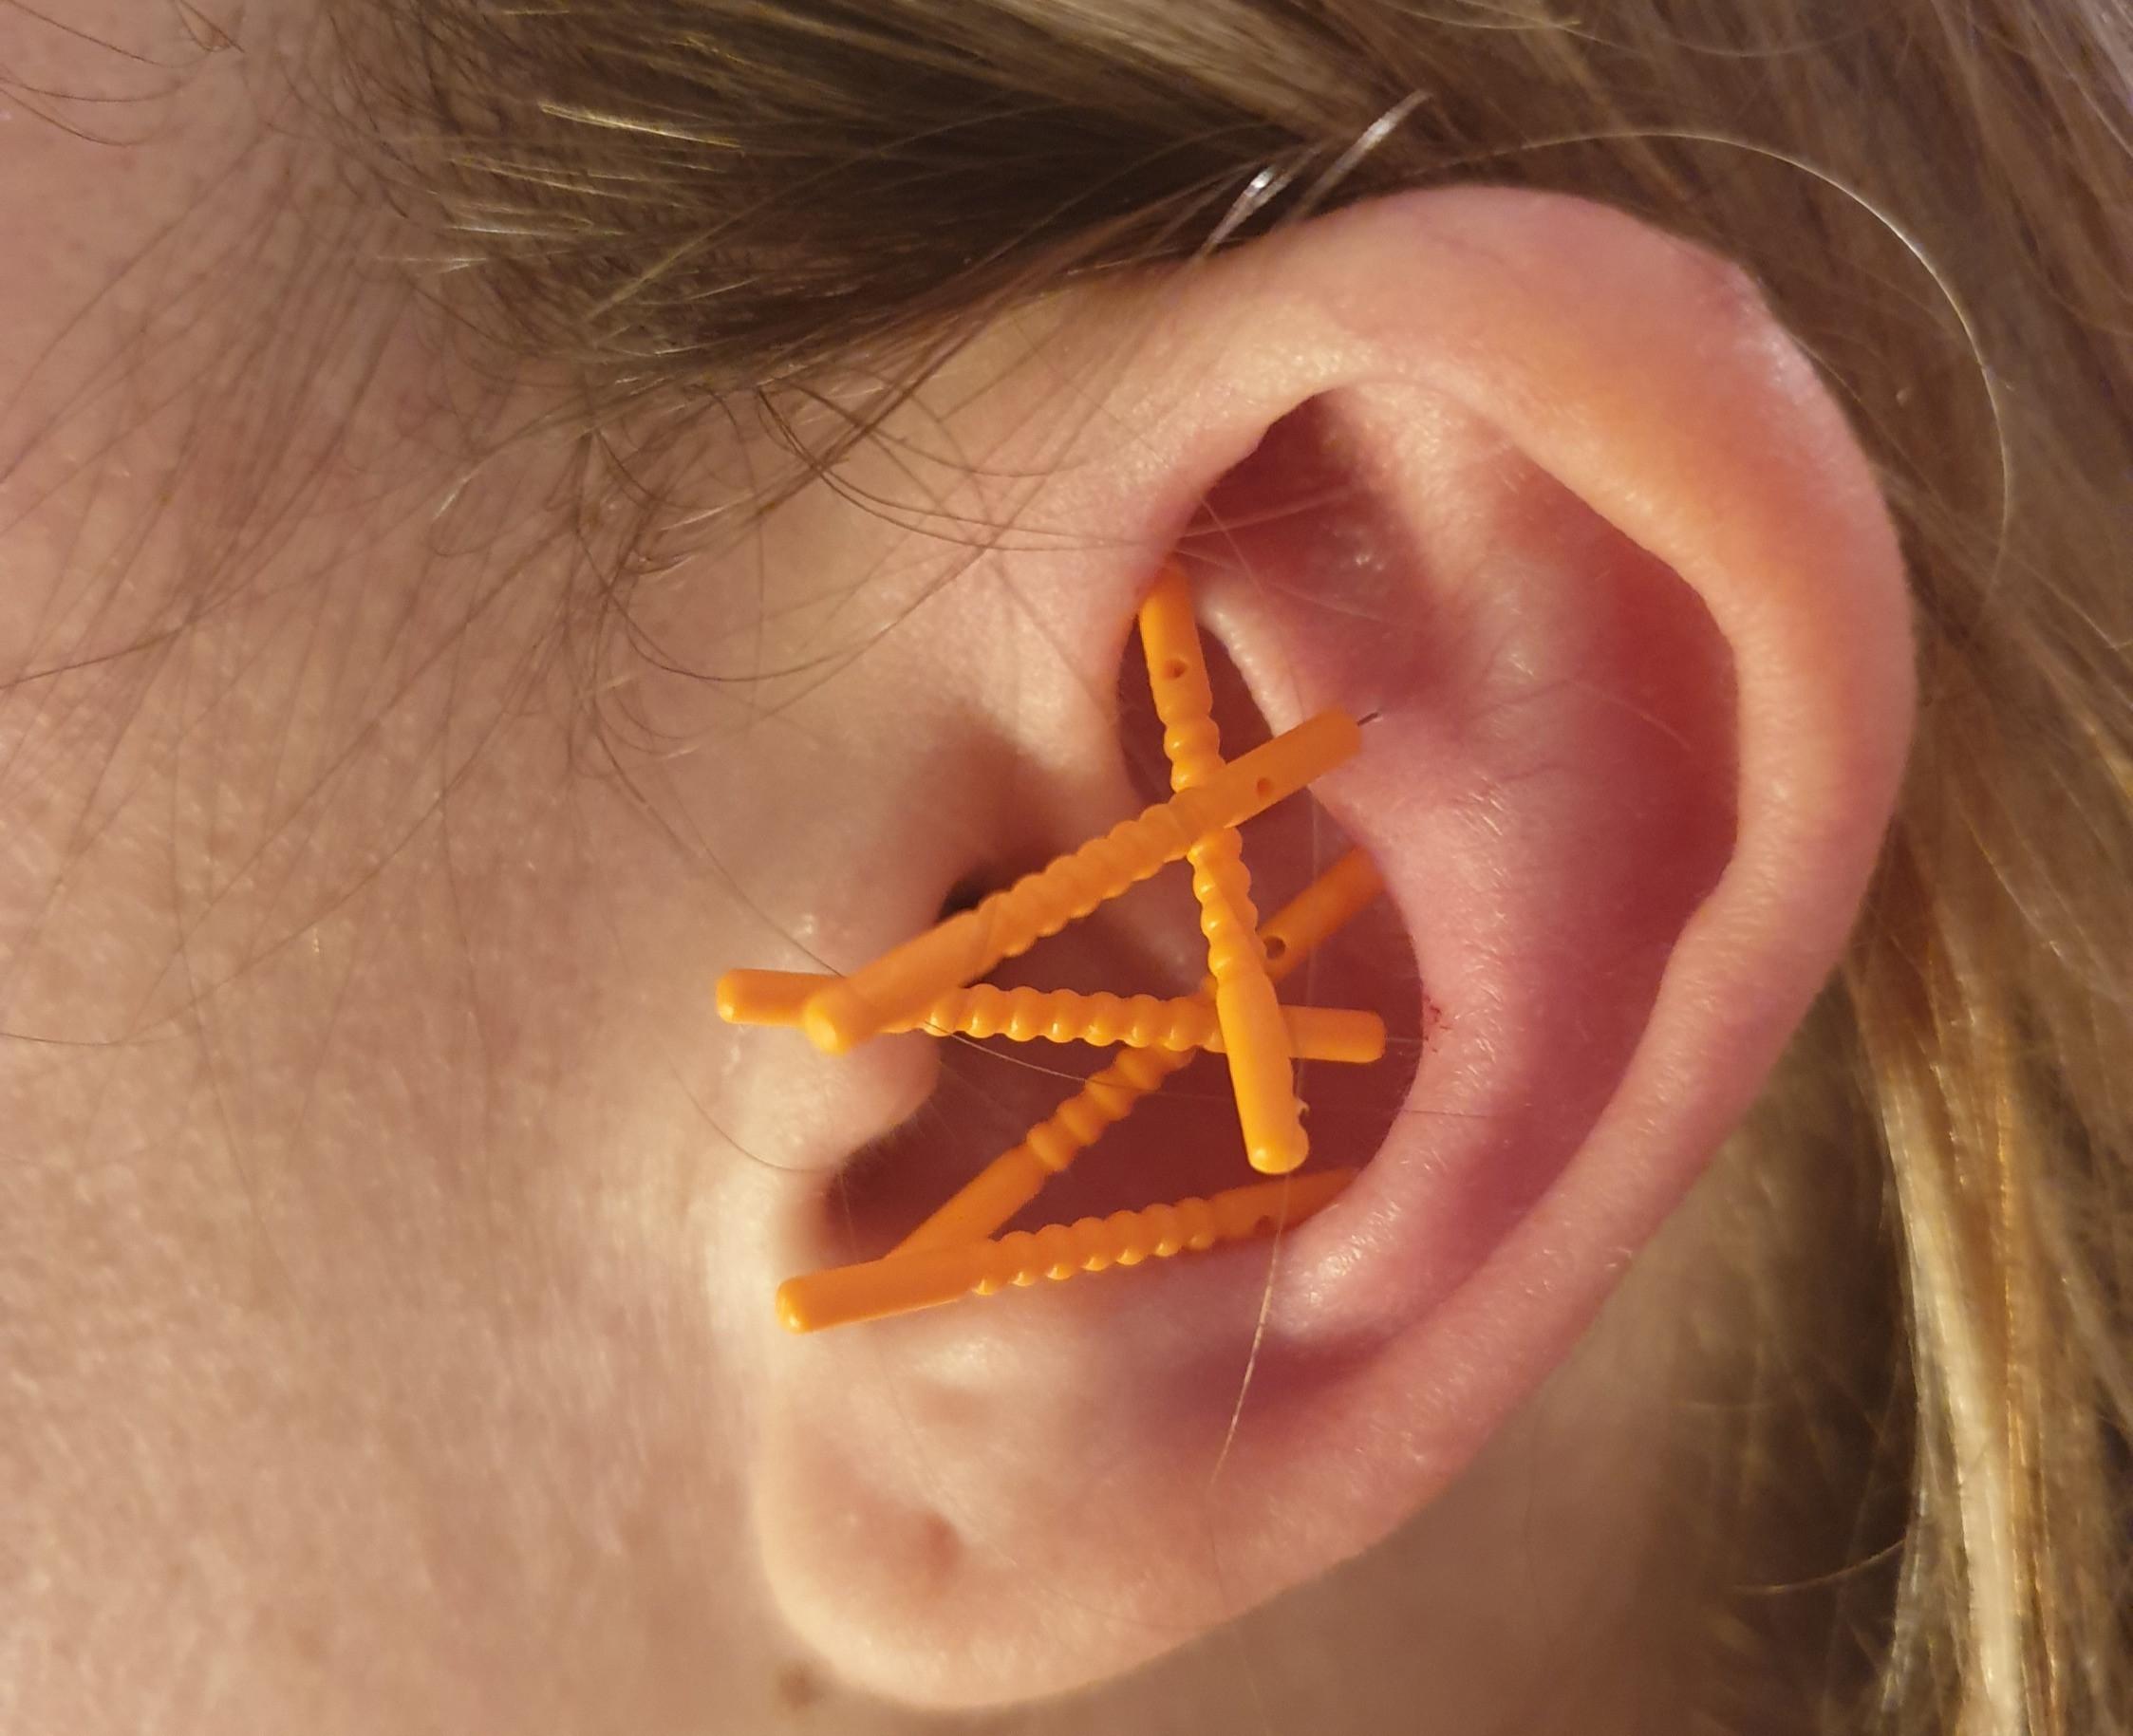 Auricular Acupuncture - 1st Consultation